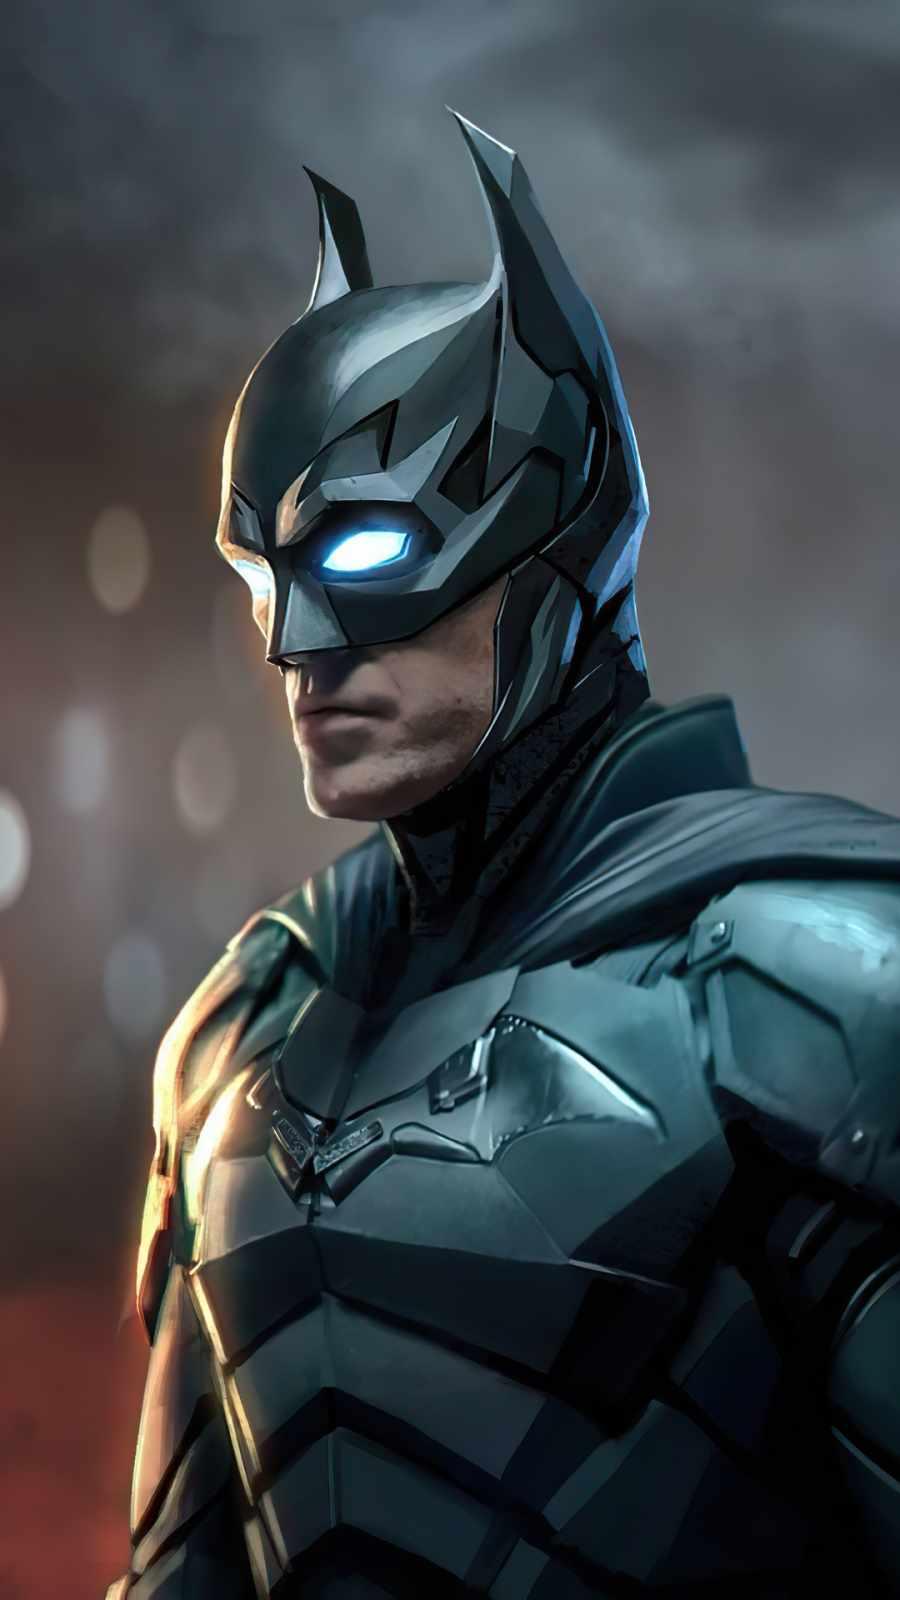 Being Batman 4K